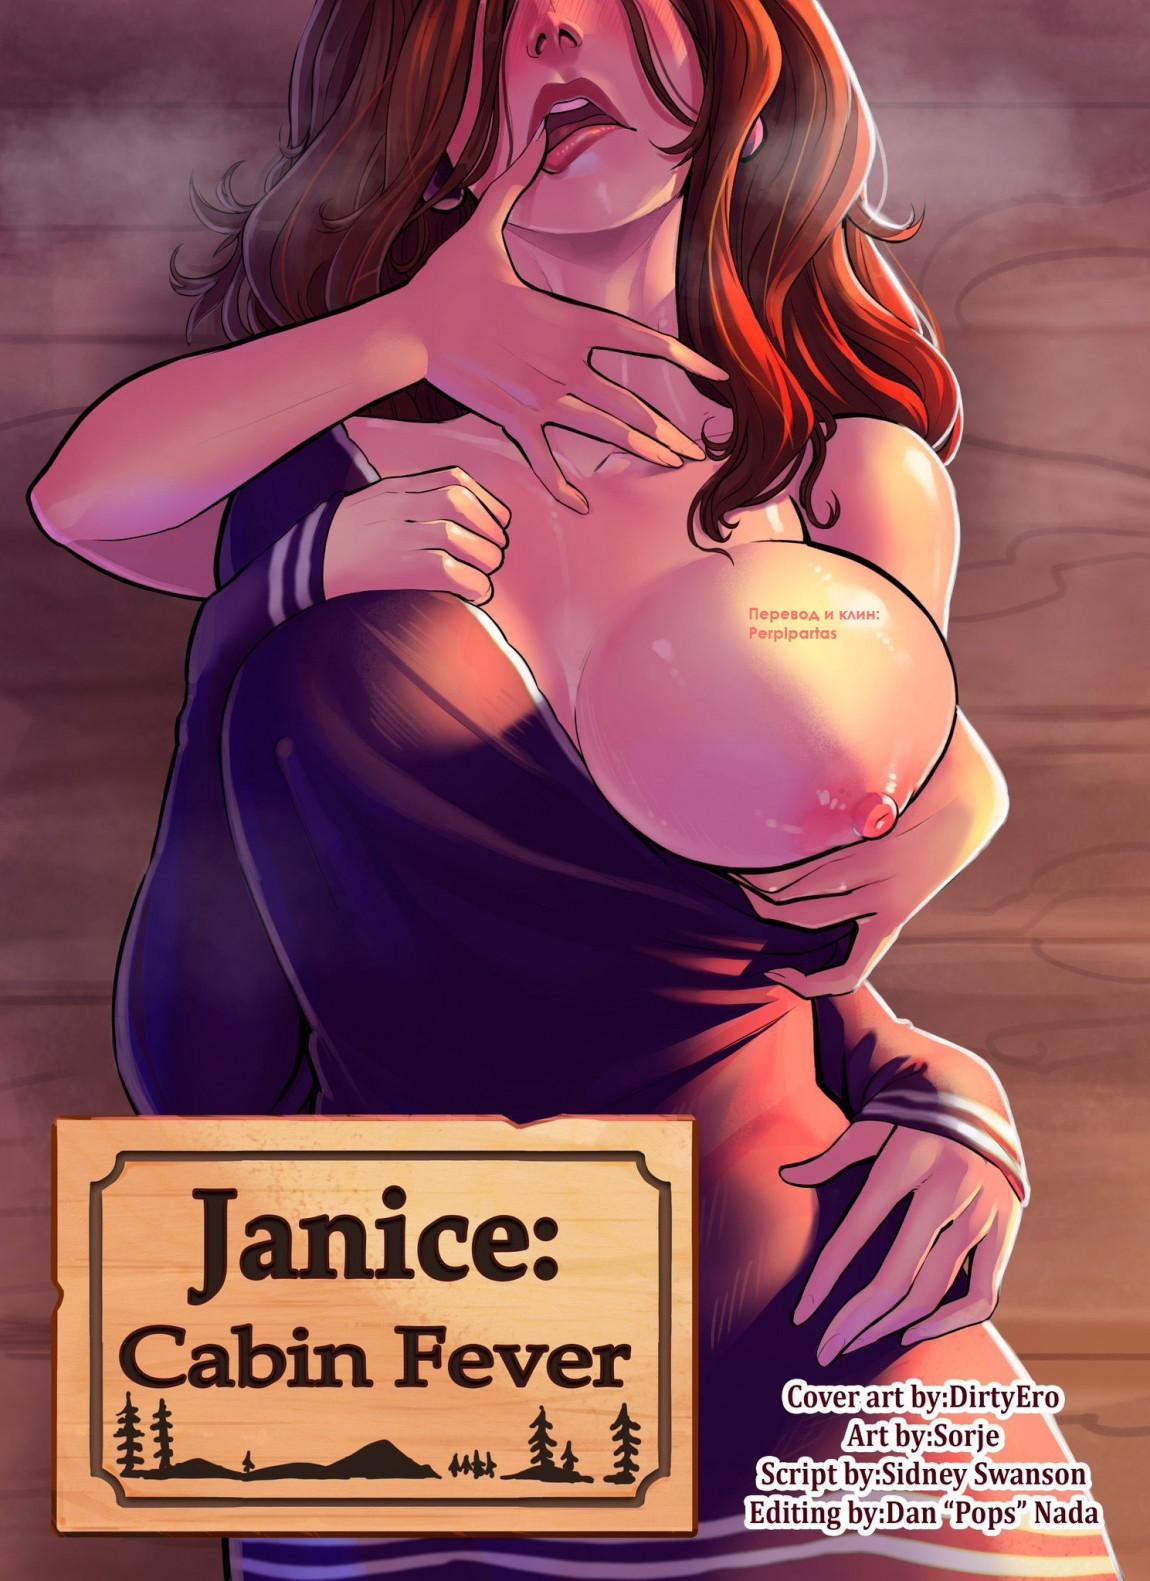 Кабинка Дженис, порно комиксы на русском Без цензуры, Большие сиськи, Большие члены, Лесбиянки, Минет